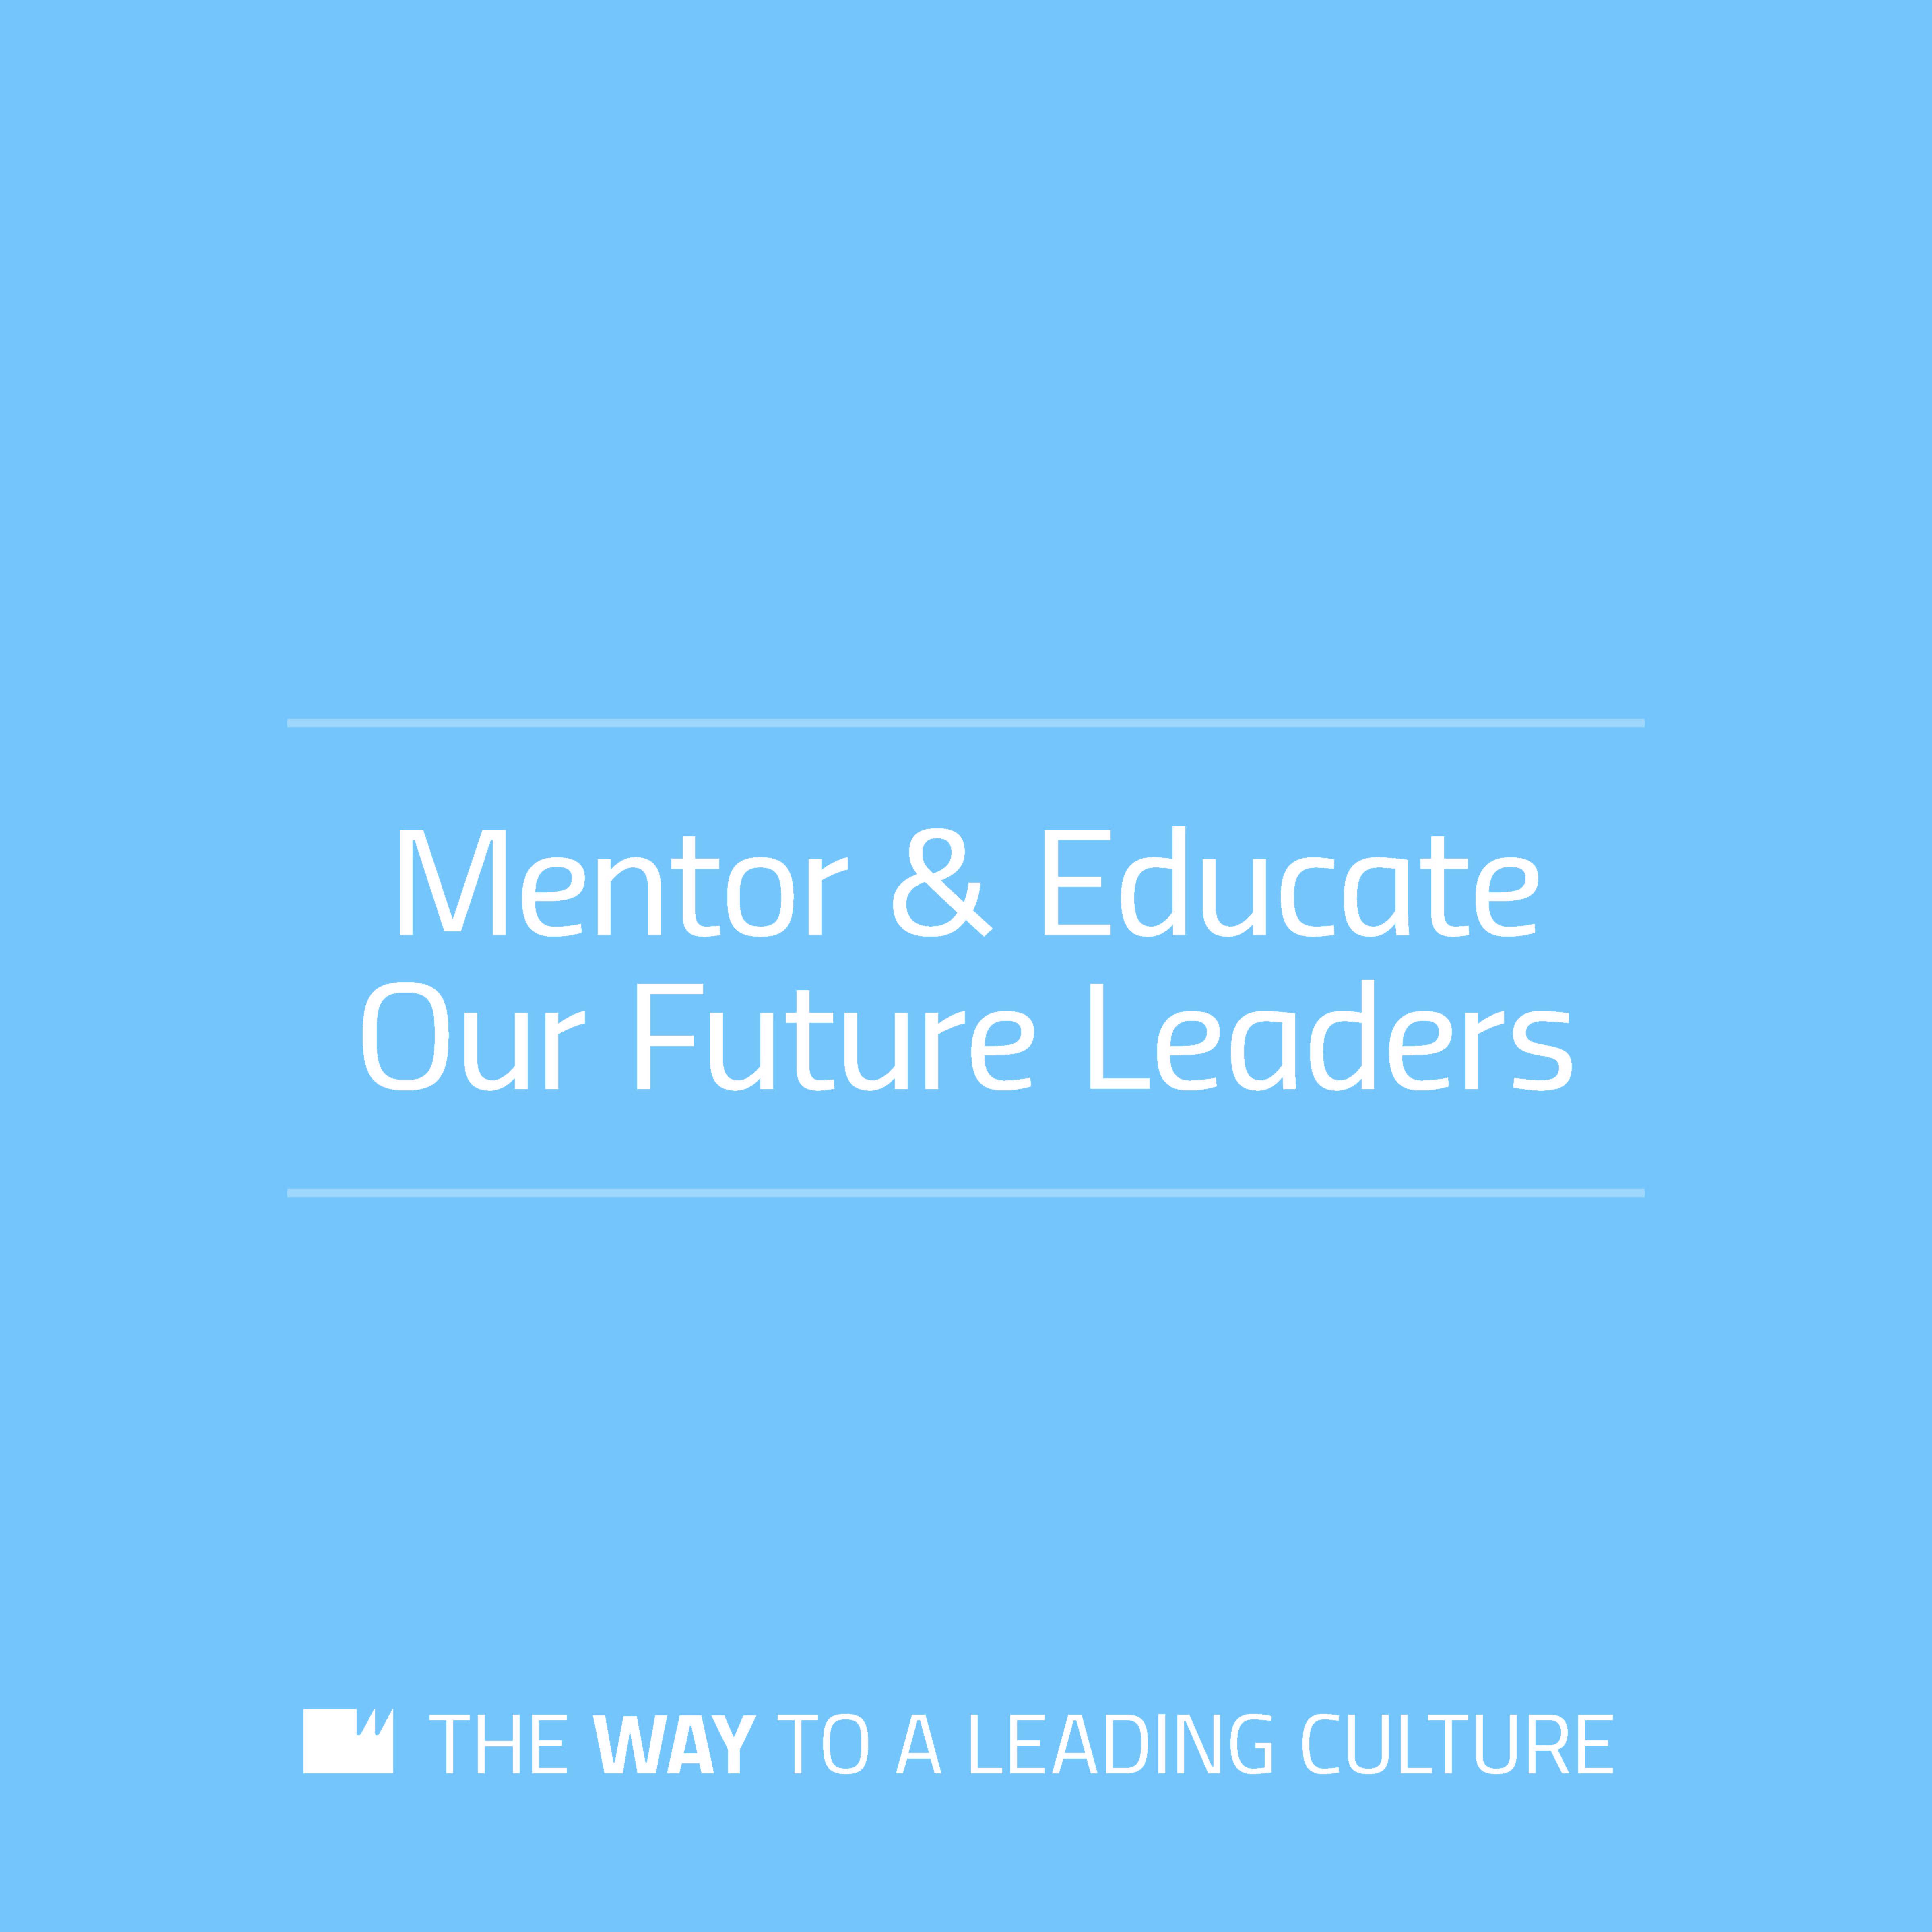 Mentor & Educate